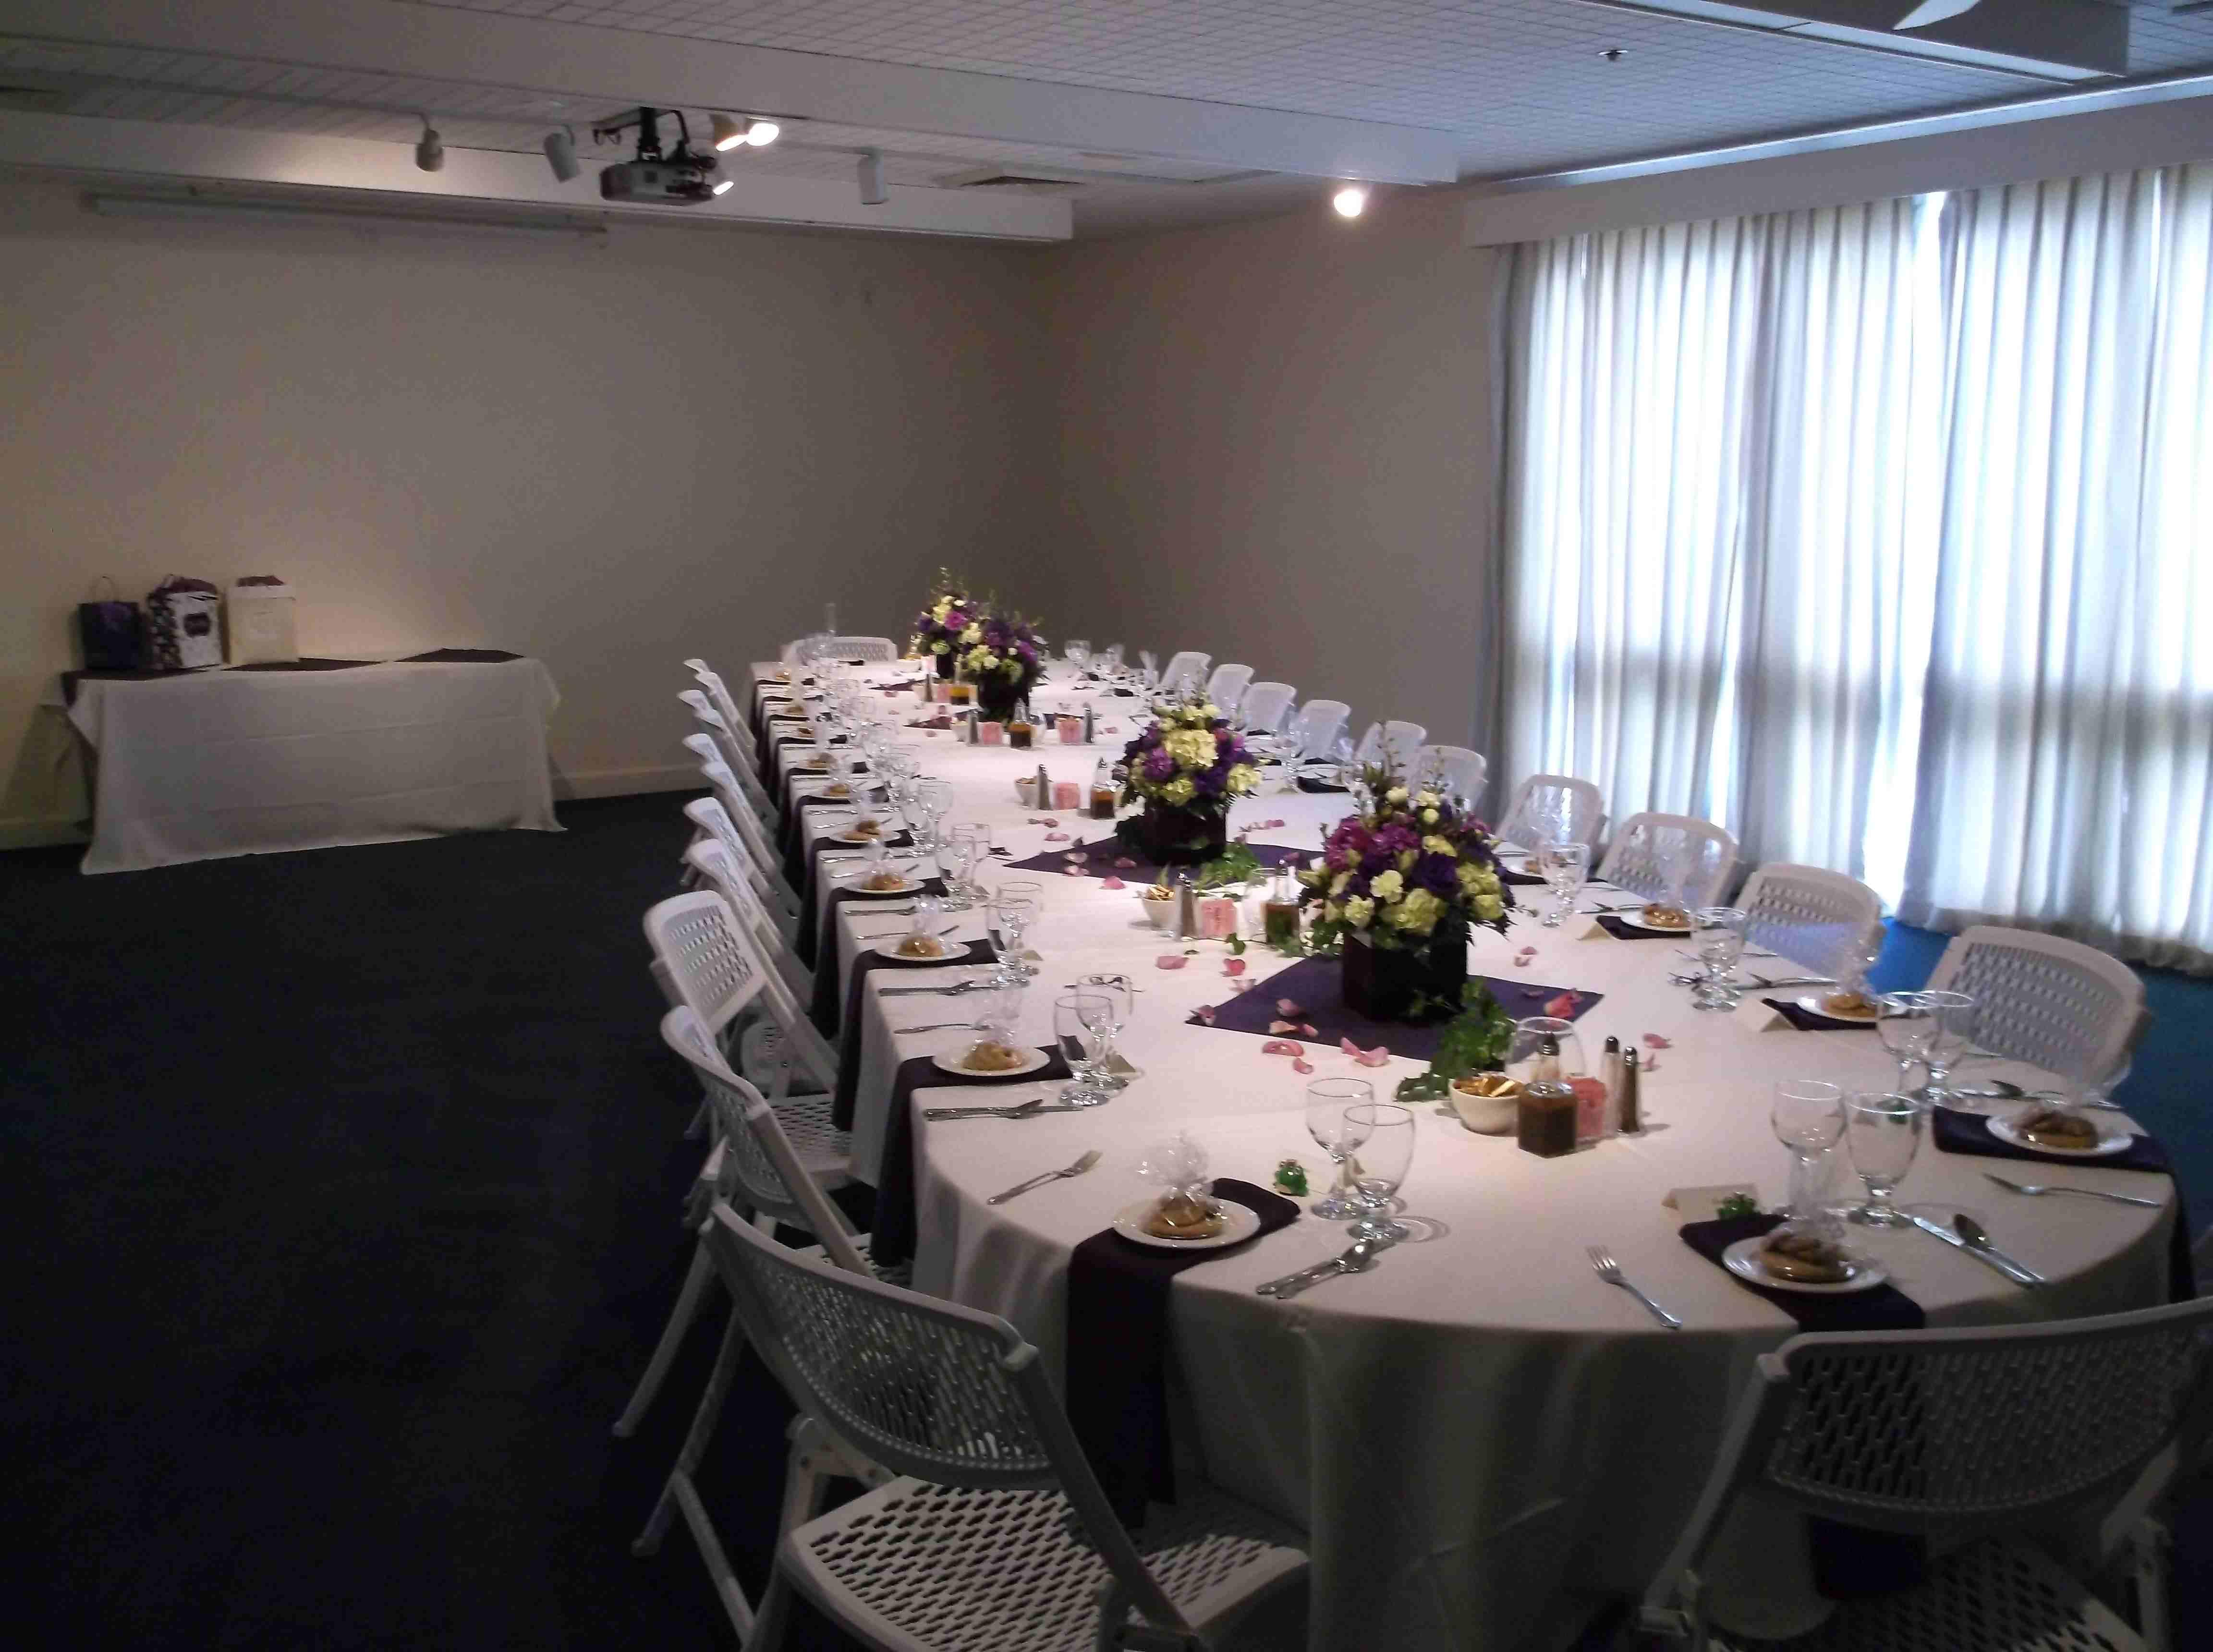 Chez Shari Banquet Facility image 36